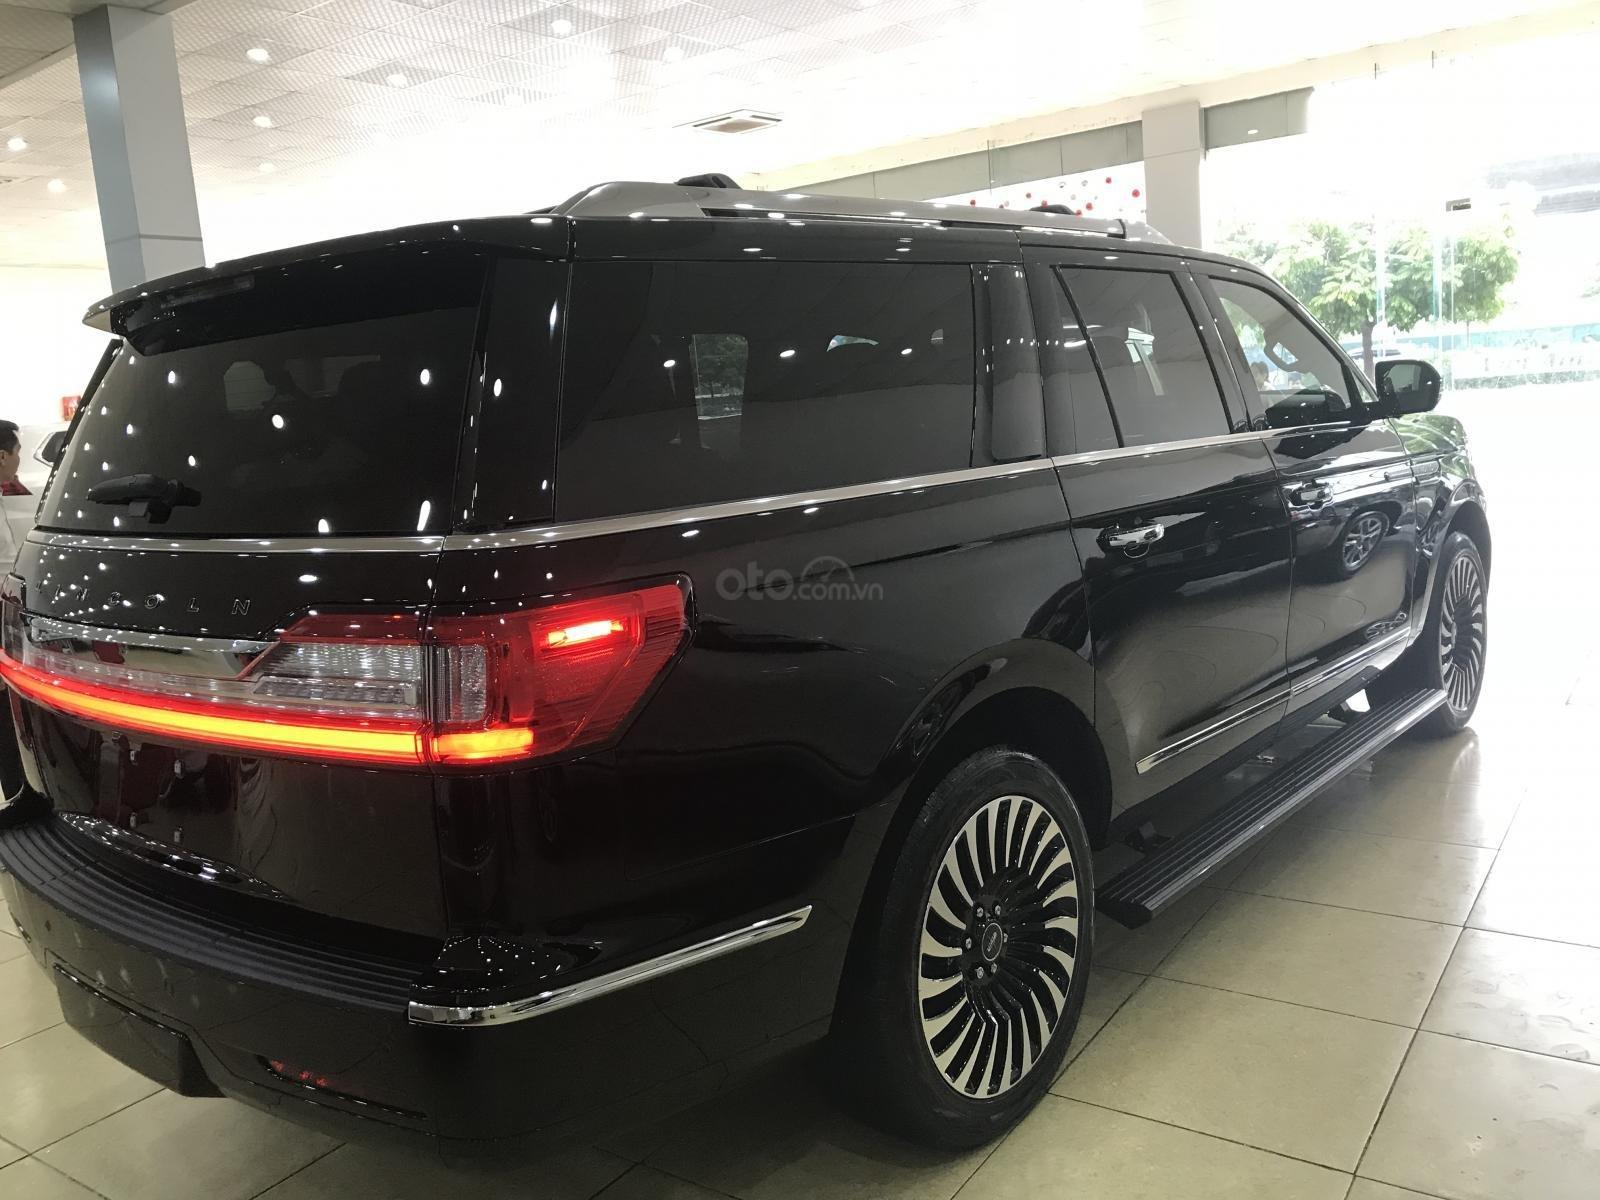 Bán Lincoln Navigator Black Label 2019, màu đen, nhập Mỹ, mới 100%, xe giao ngay. LH: 0906223838-4